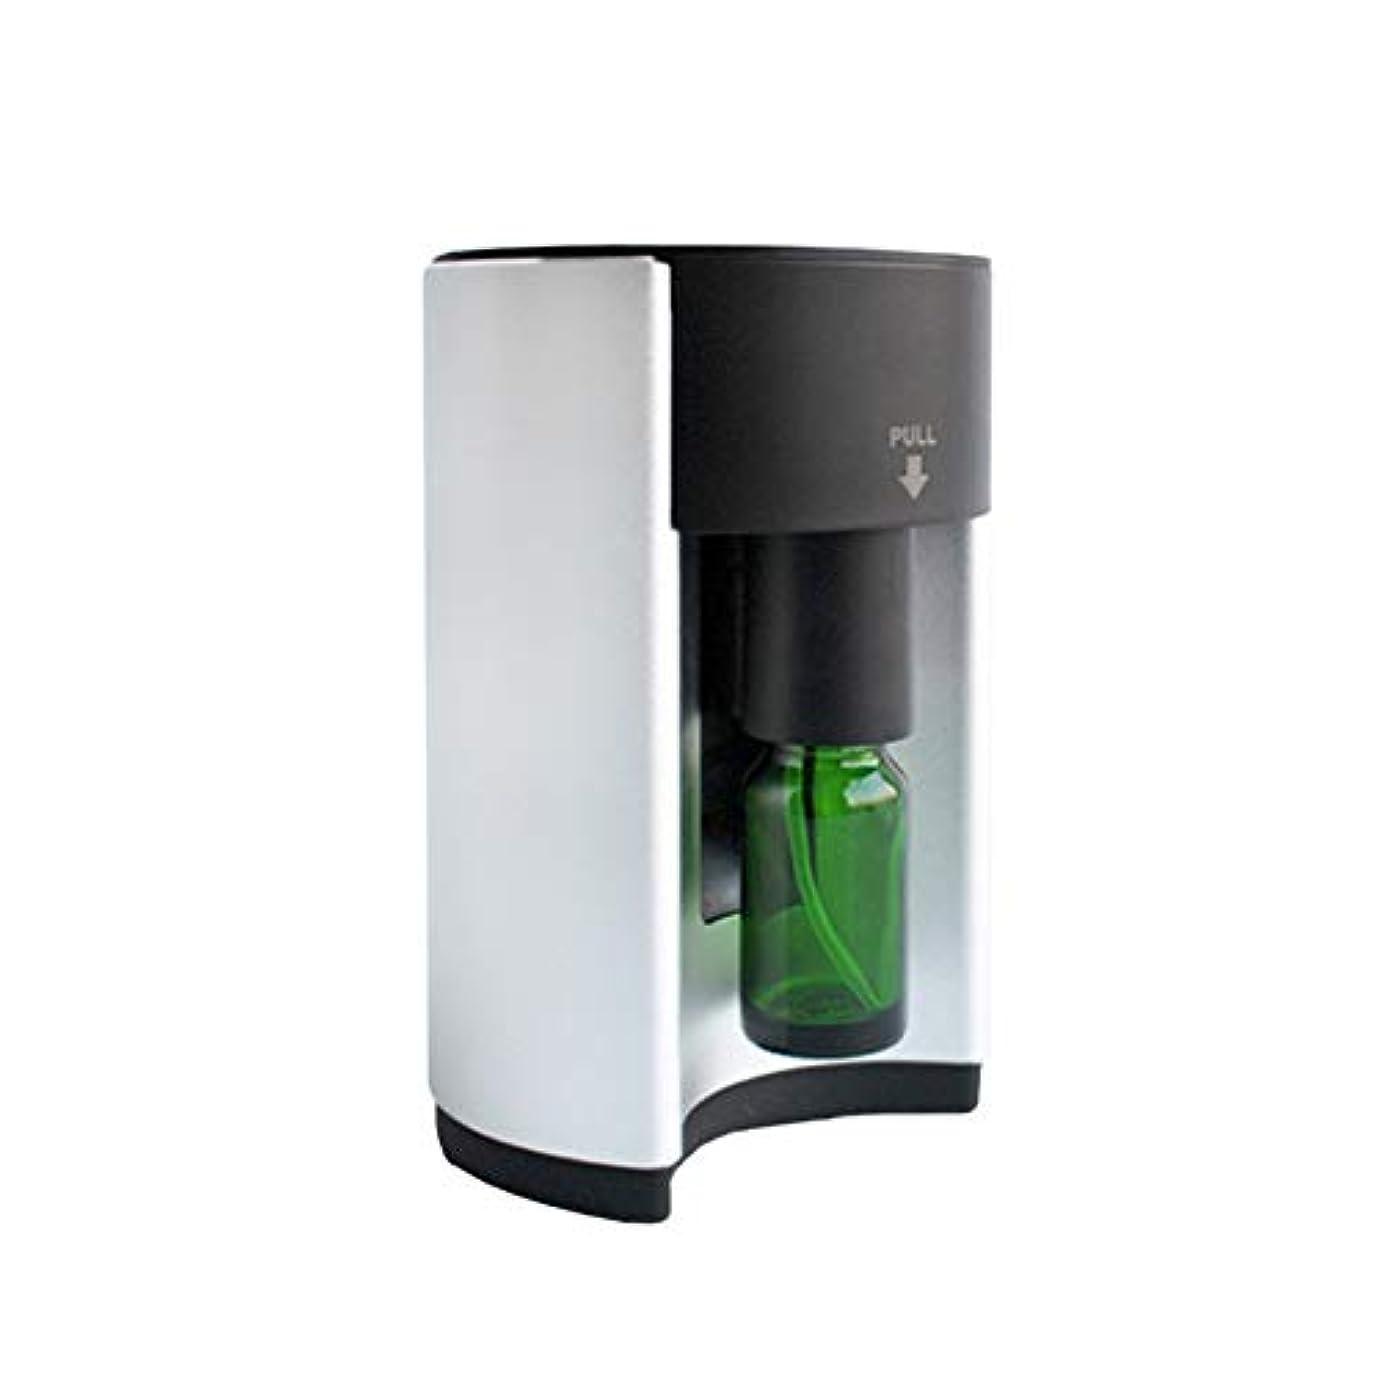 バランスのとれた一掃する擬人化広範囲適用 アロマディフューザー ネブライザー式 シルバー アロマオイル アロマグラス 人気 タイマー機能 コンパクトタイプ エッセンシャルオイル 加湿 うるおい